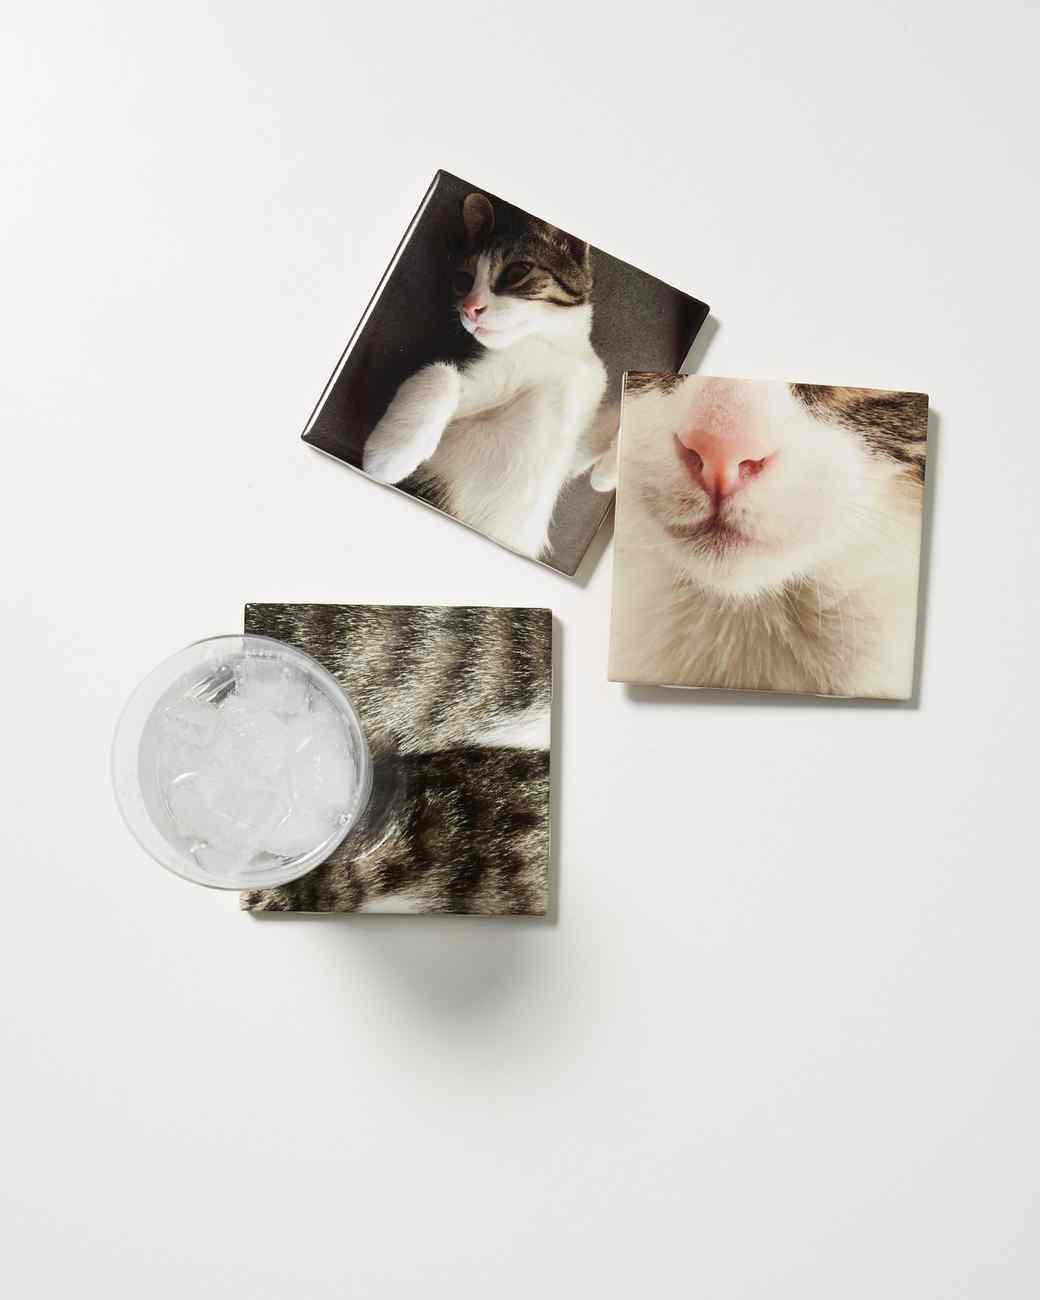 cat-coasters-231-d112972.jpg